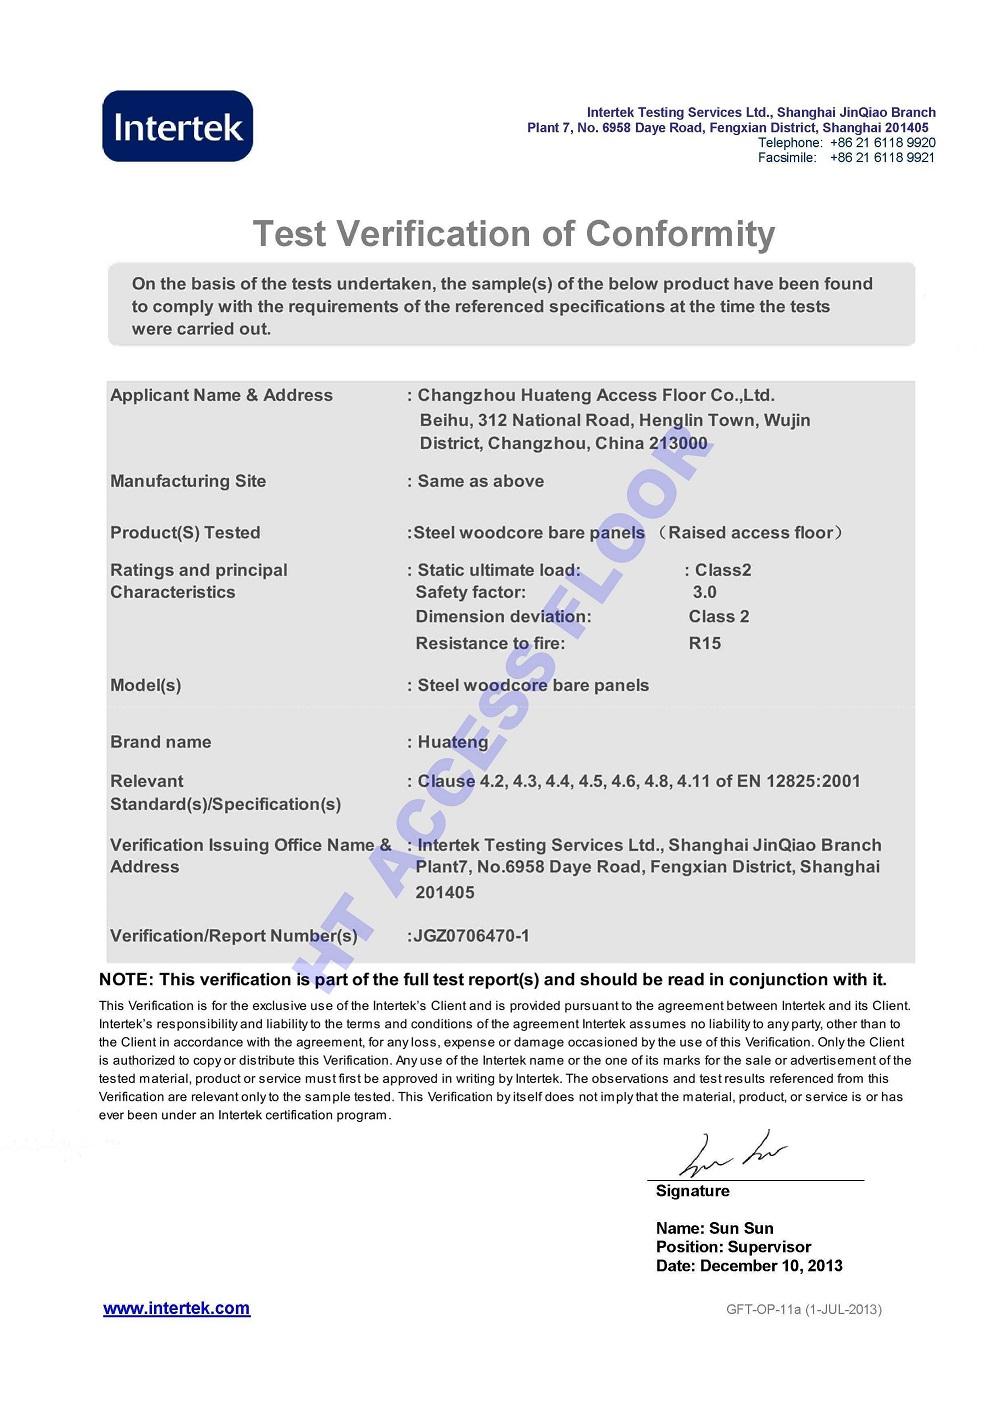 INTERTEK TEST of HT Woodcore System